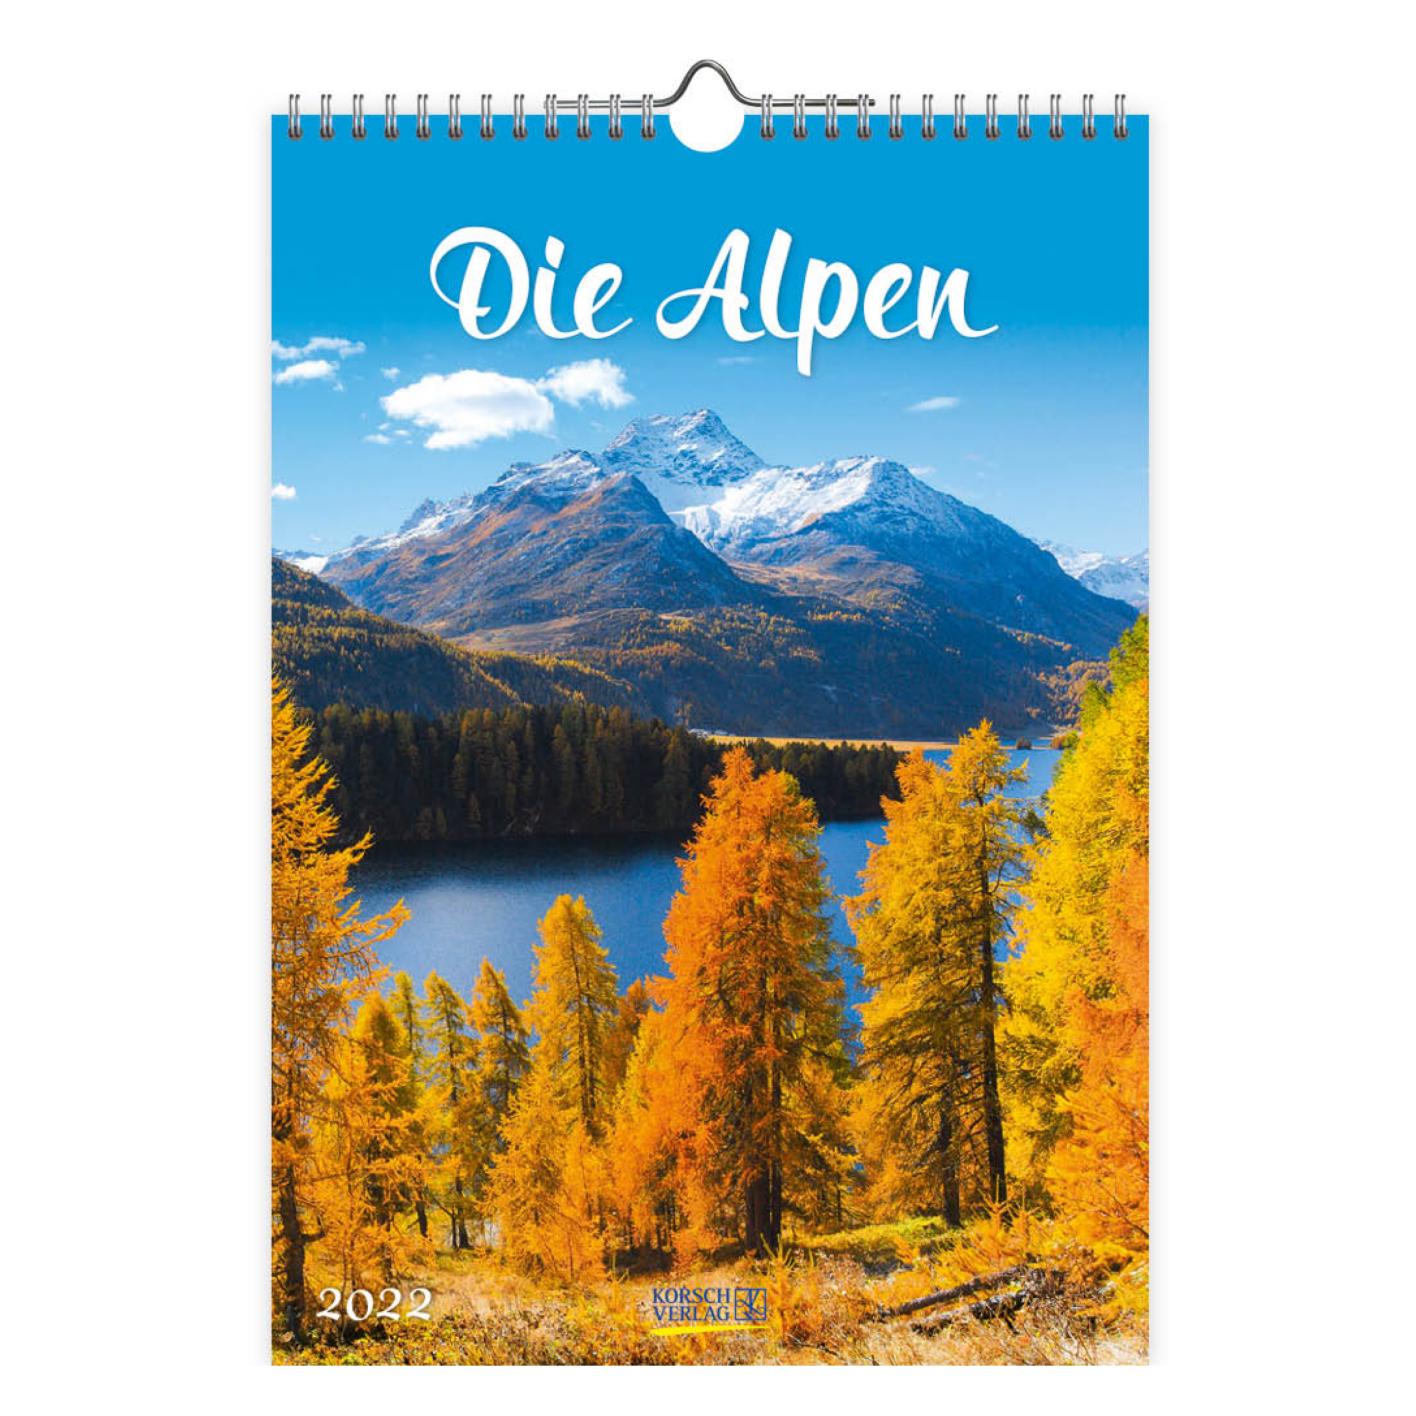 Kalender - 2022 - Alpen - 23.5x33.5cm - in Kalenders